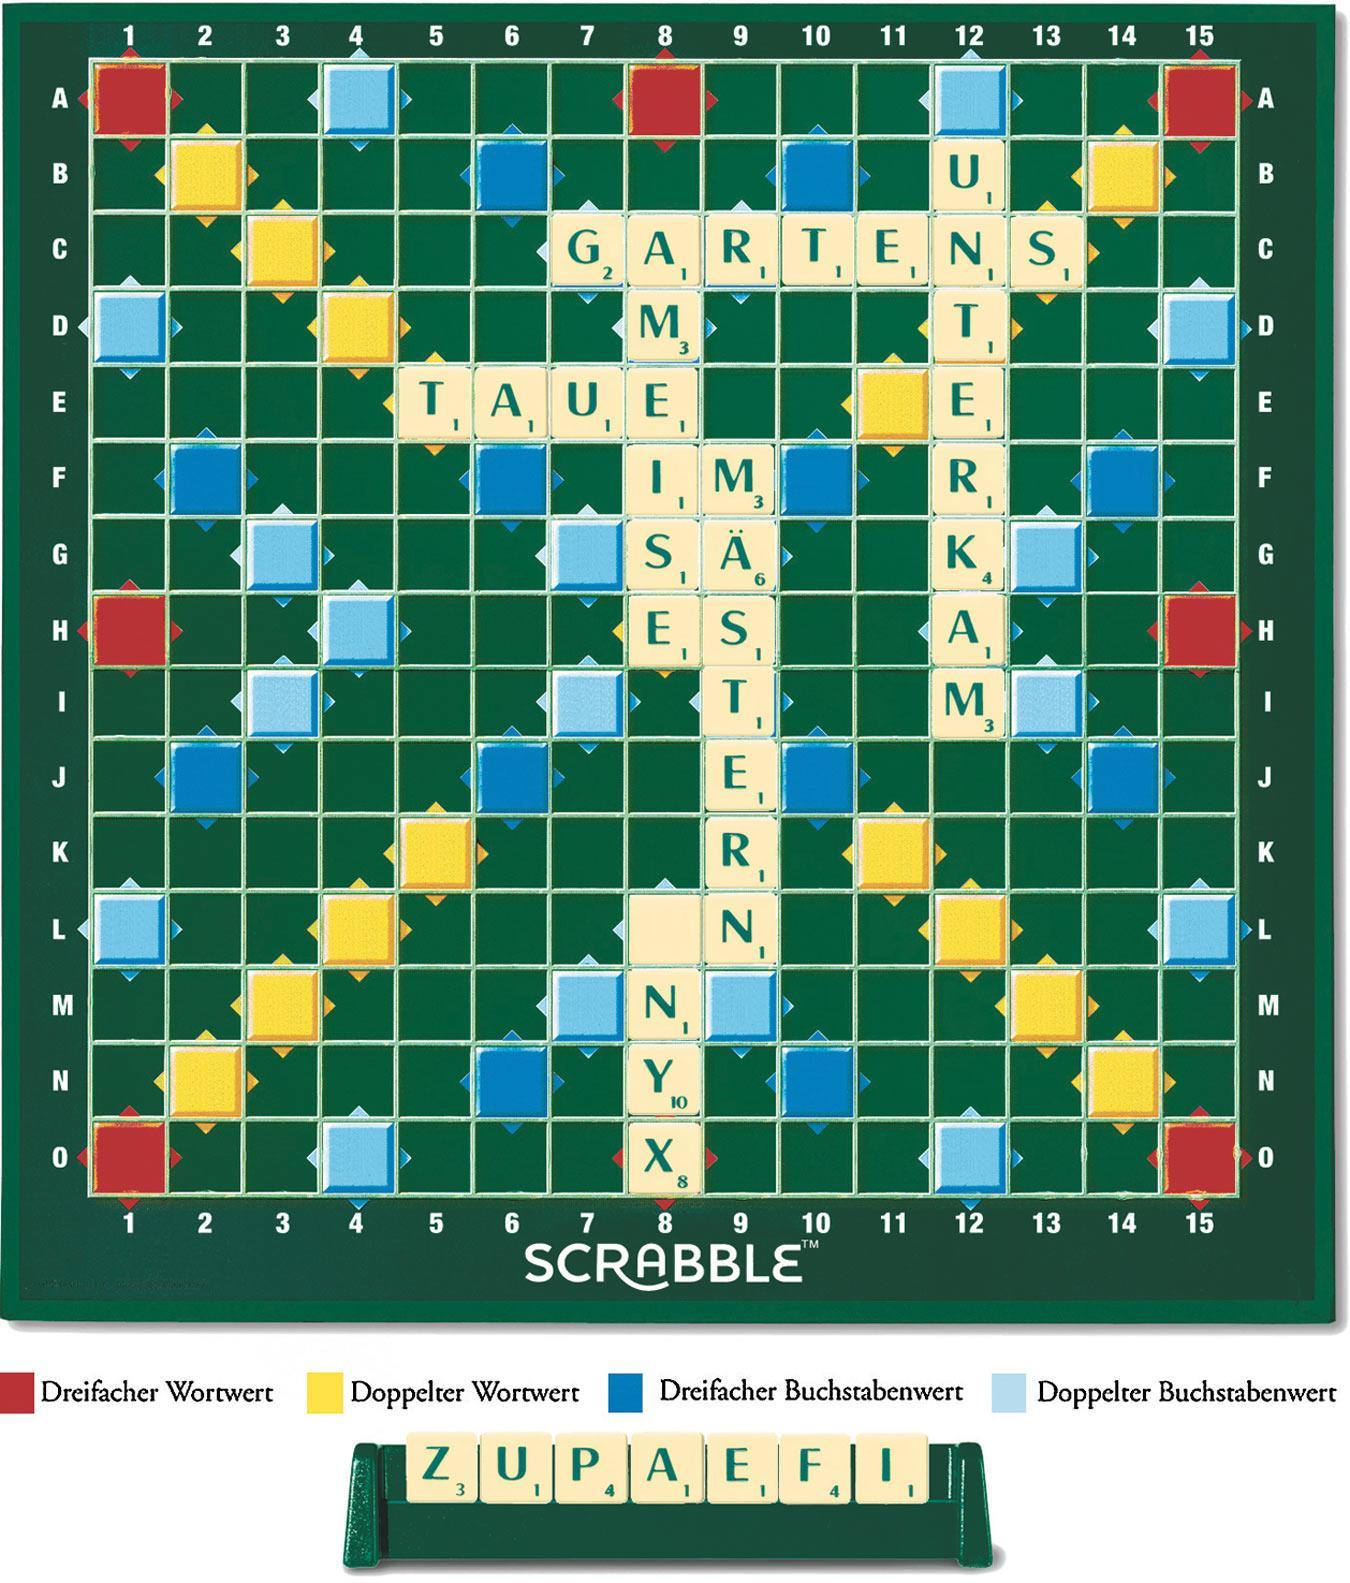 Scrabble-Sommer Folge 5